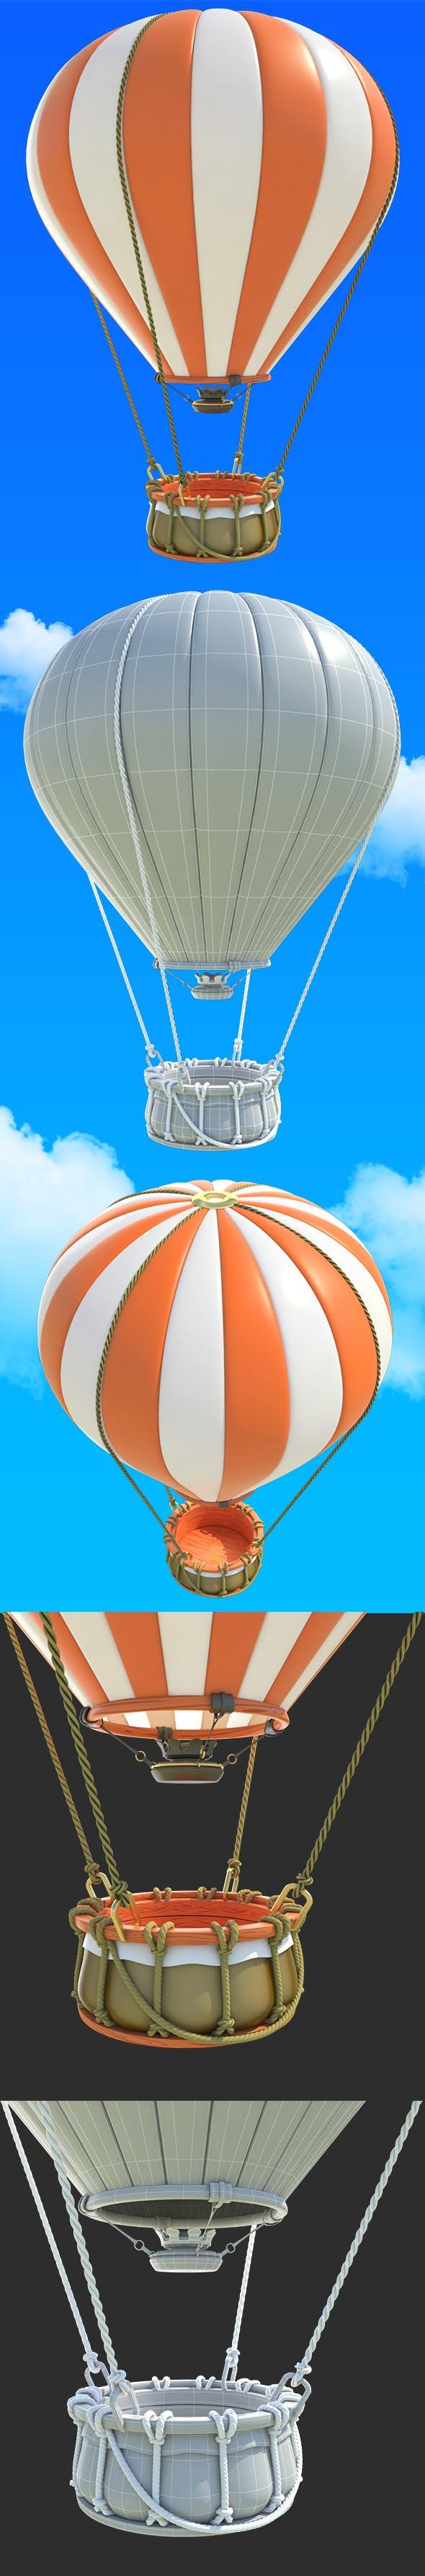 Cartoon Hot Air Balloon - 3DOcean Item for Sale